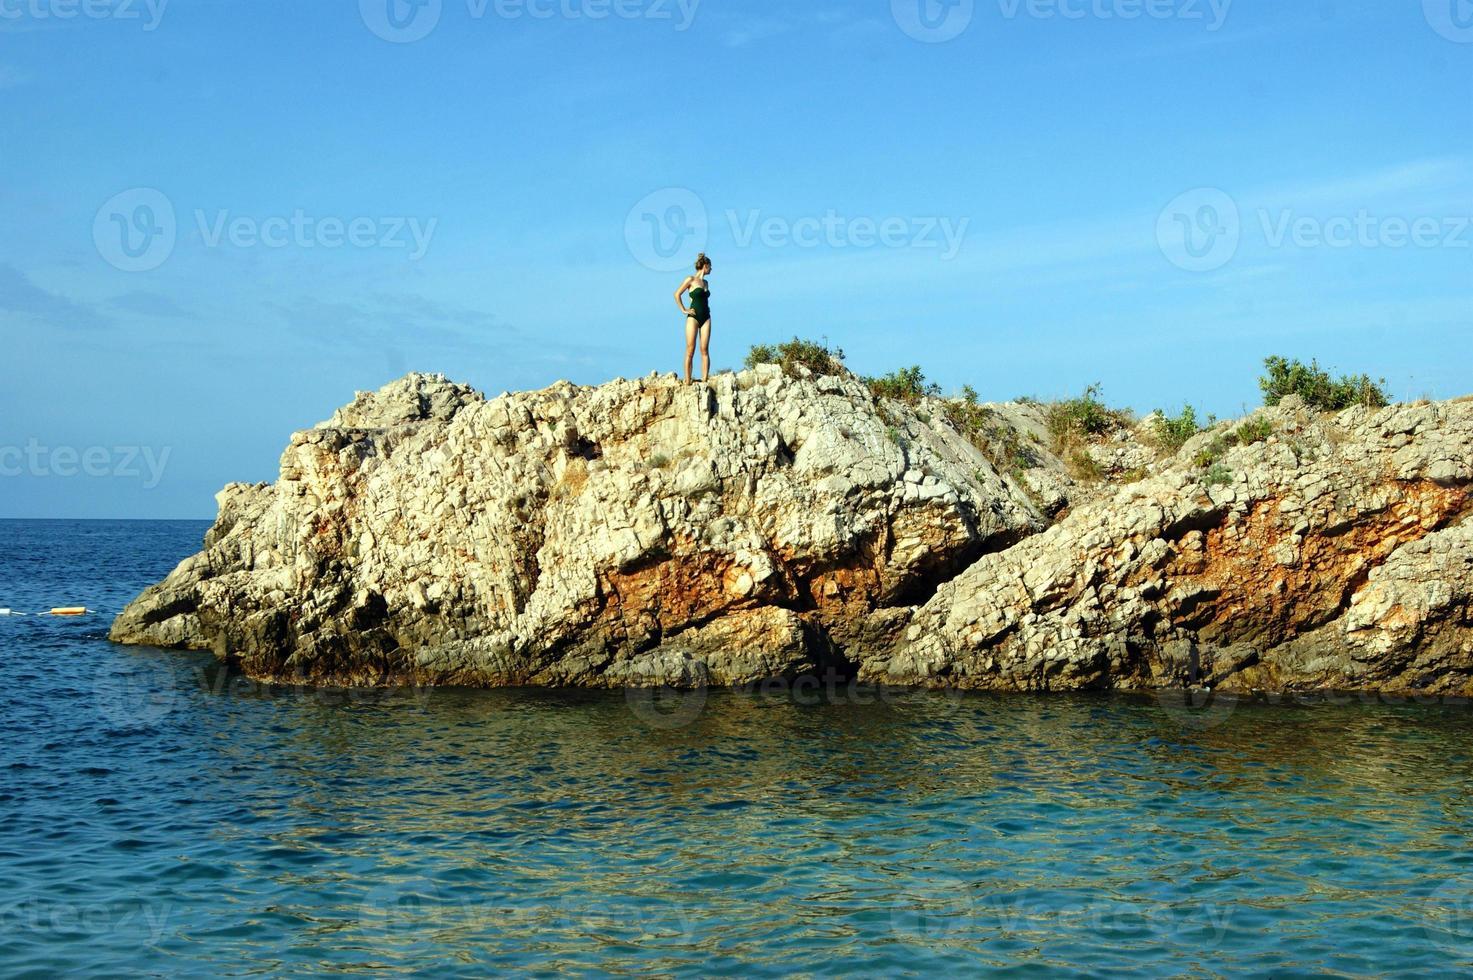 l'isola rocciosa nel mare adriatico foto